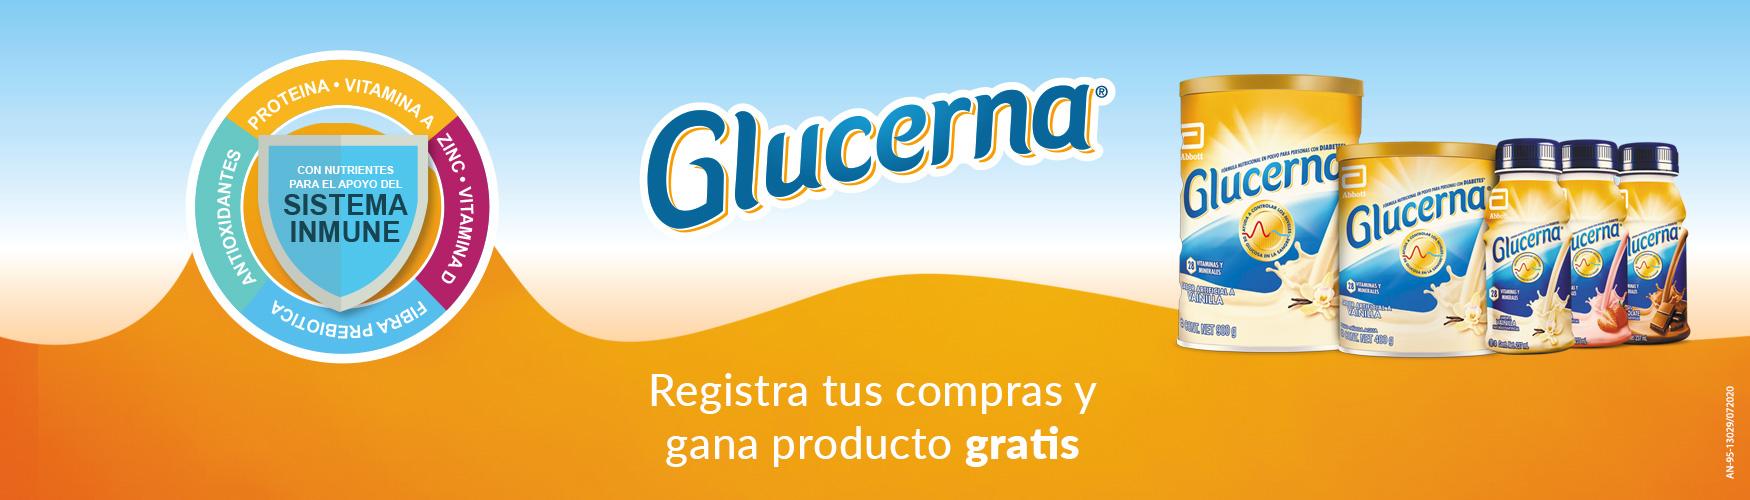 Glucerna 1750x500 sin logos